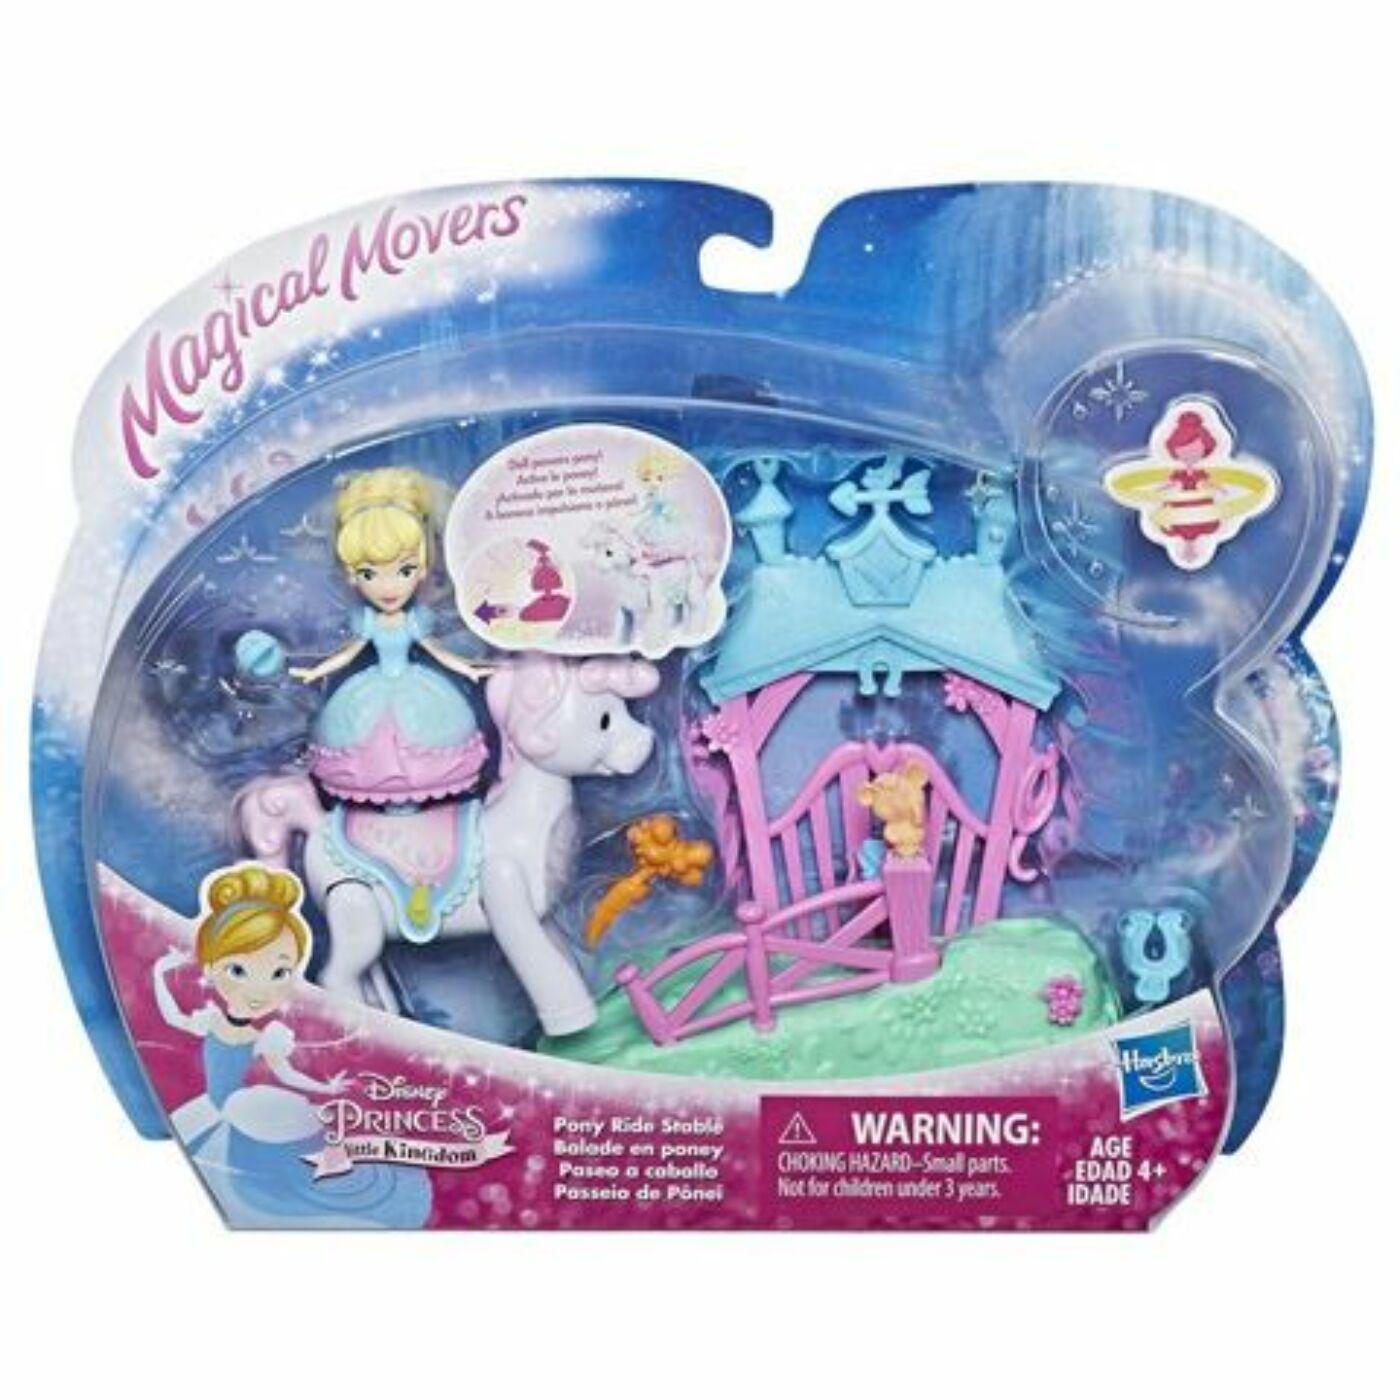 Disney hercegnők mini játékszett